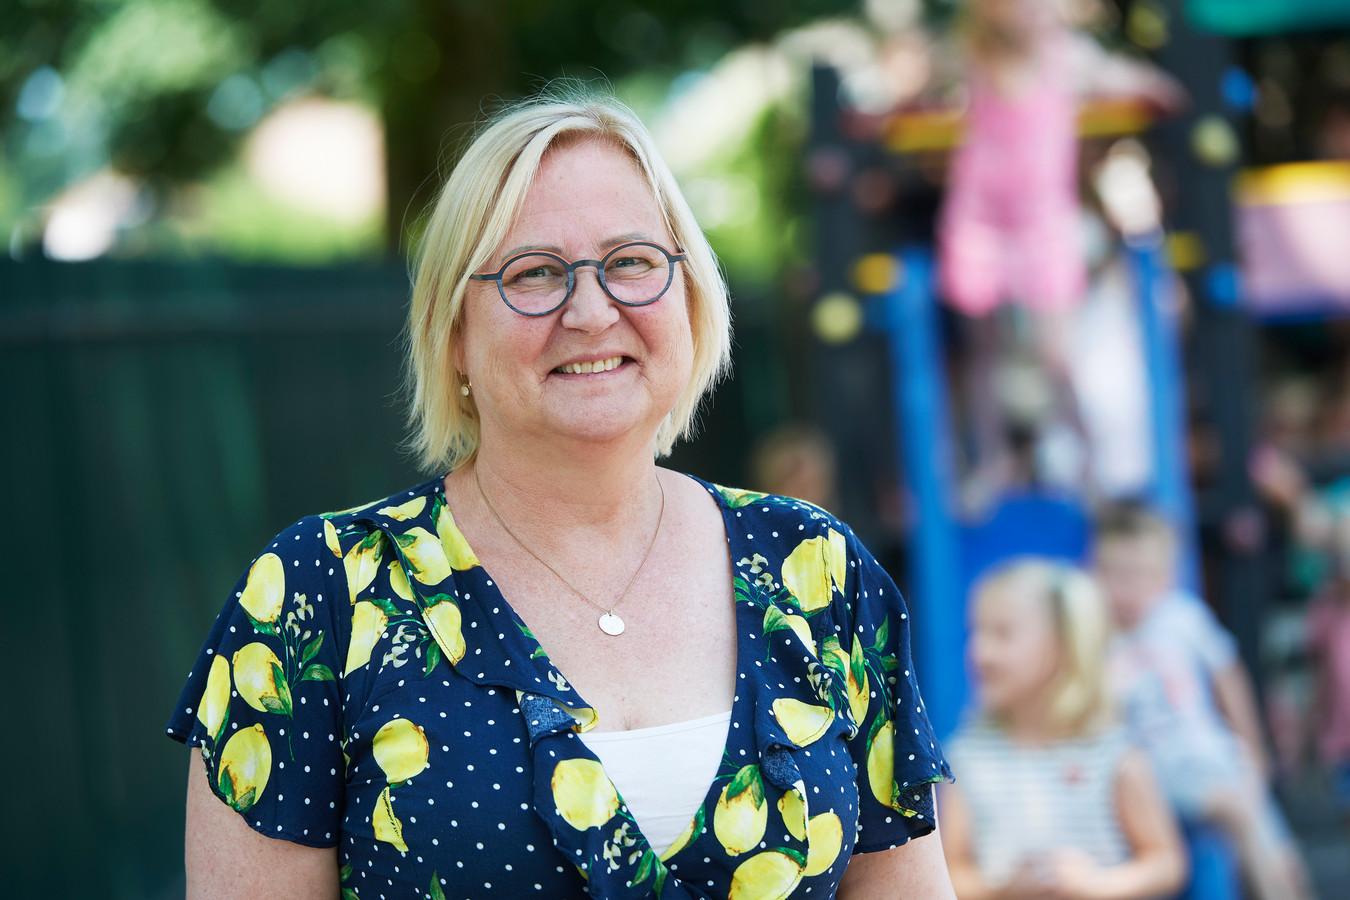 Els Ligthart-Denteneer stopt als lerares op basisschool De Polderhof in Oss.